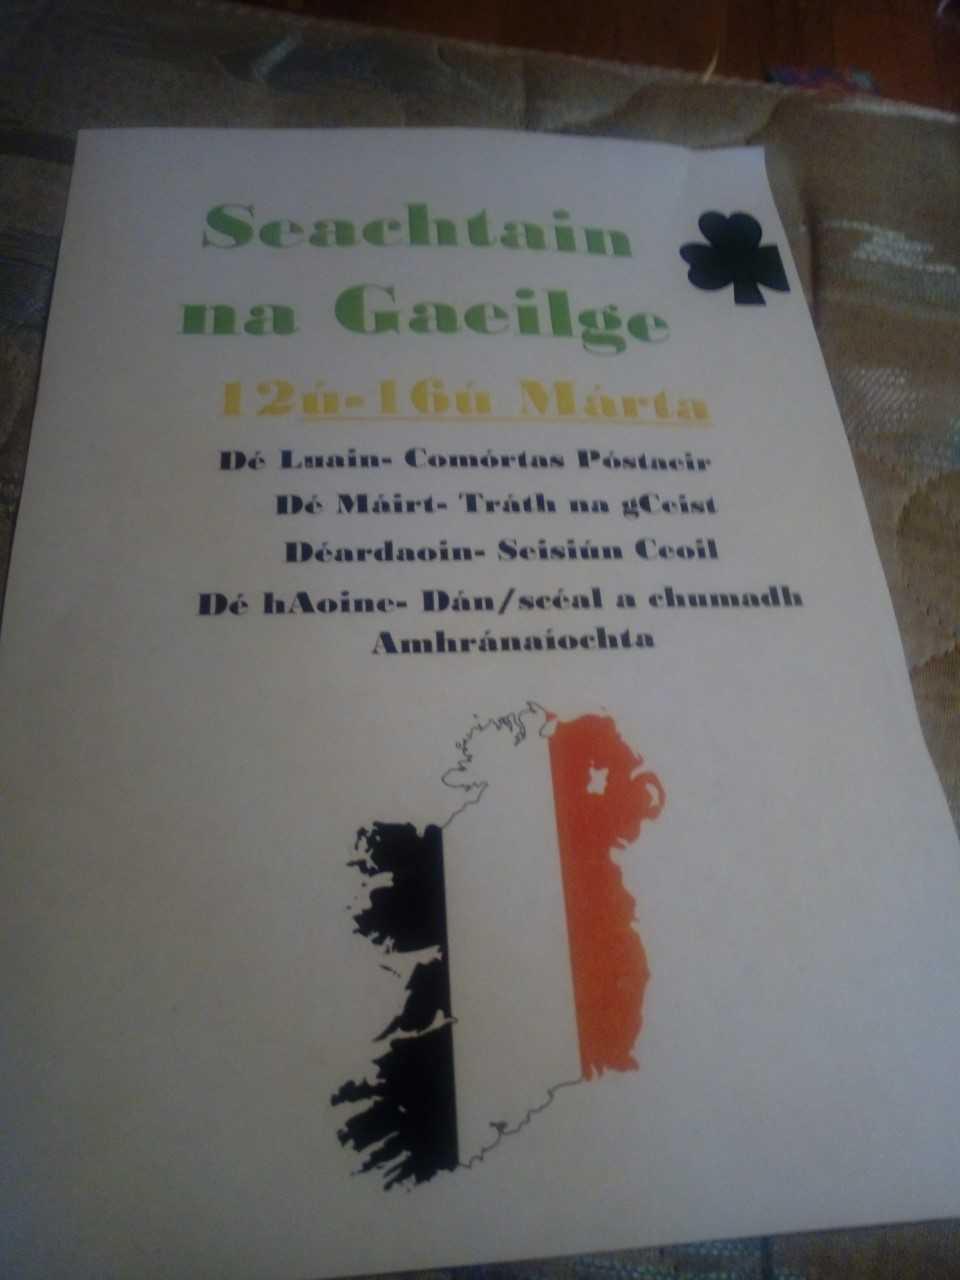 Seachtain Na Gaeilge.jpg